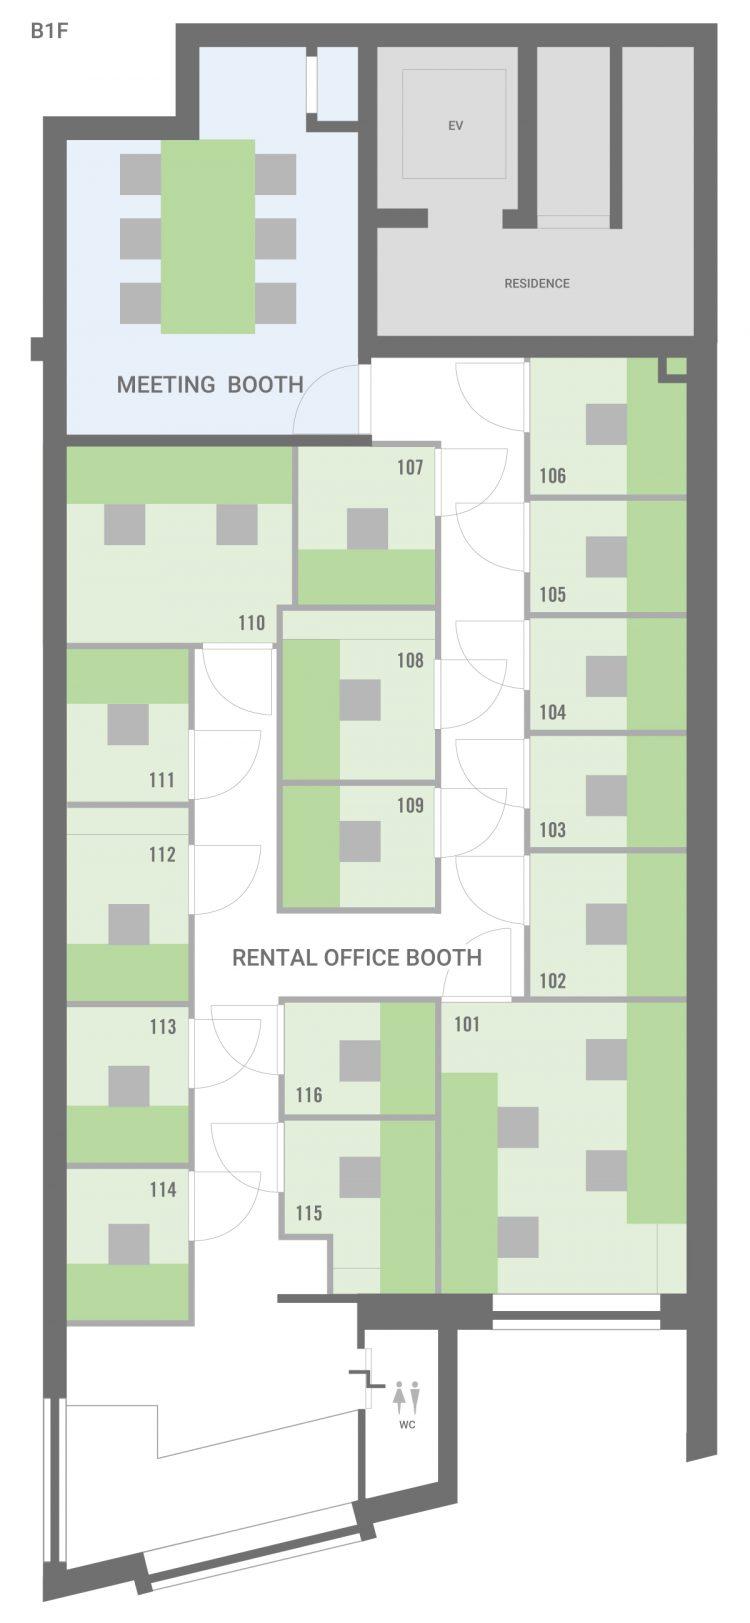 新宿早稲田オフィスのB1Fのフロアマップ